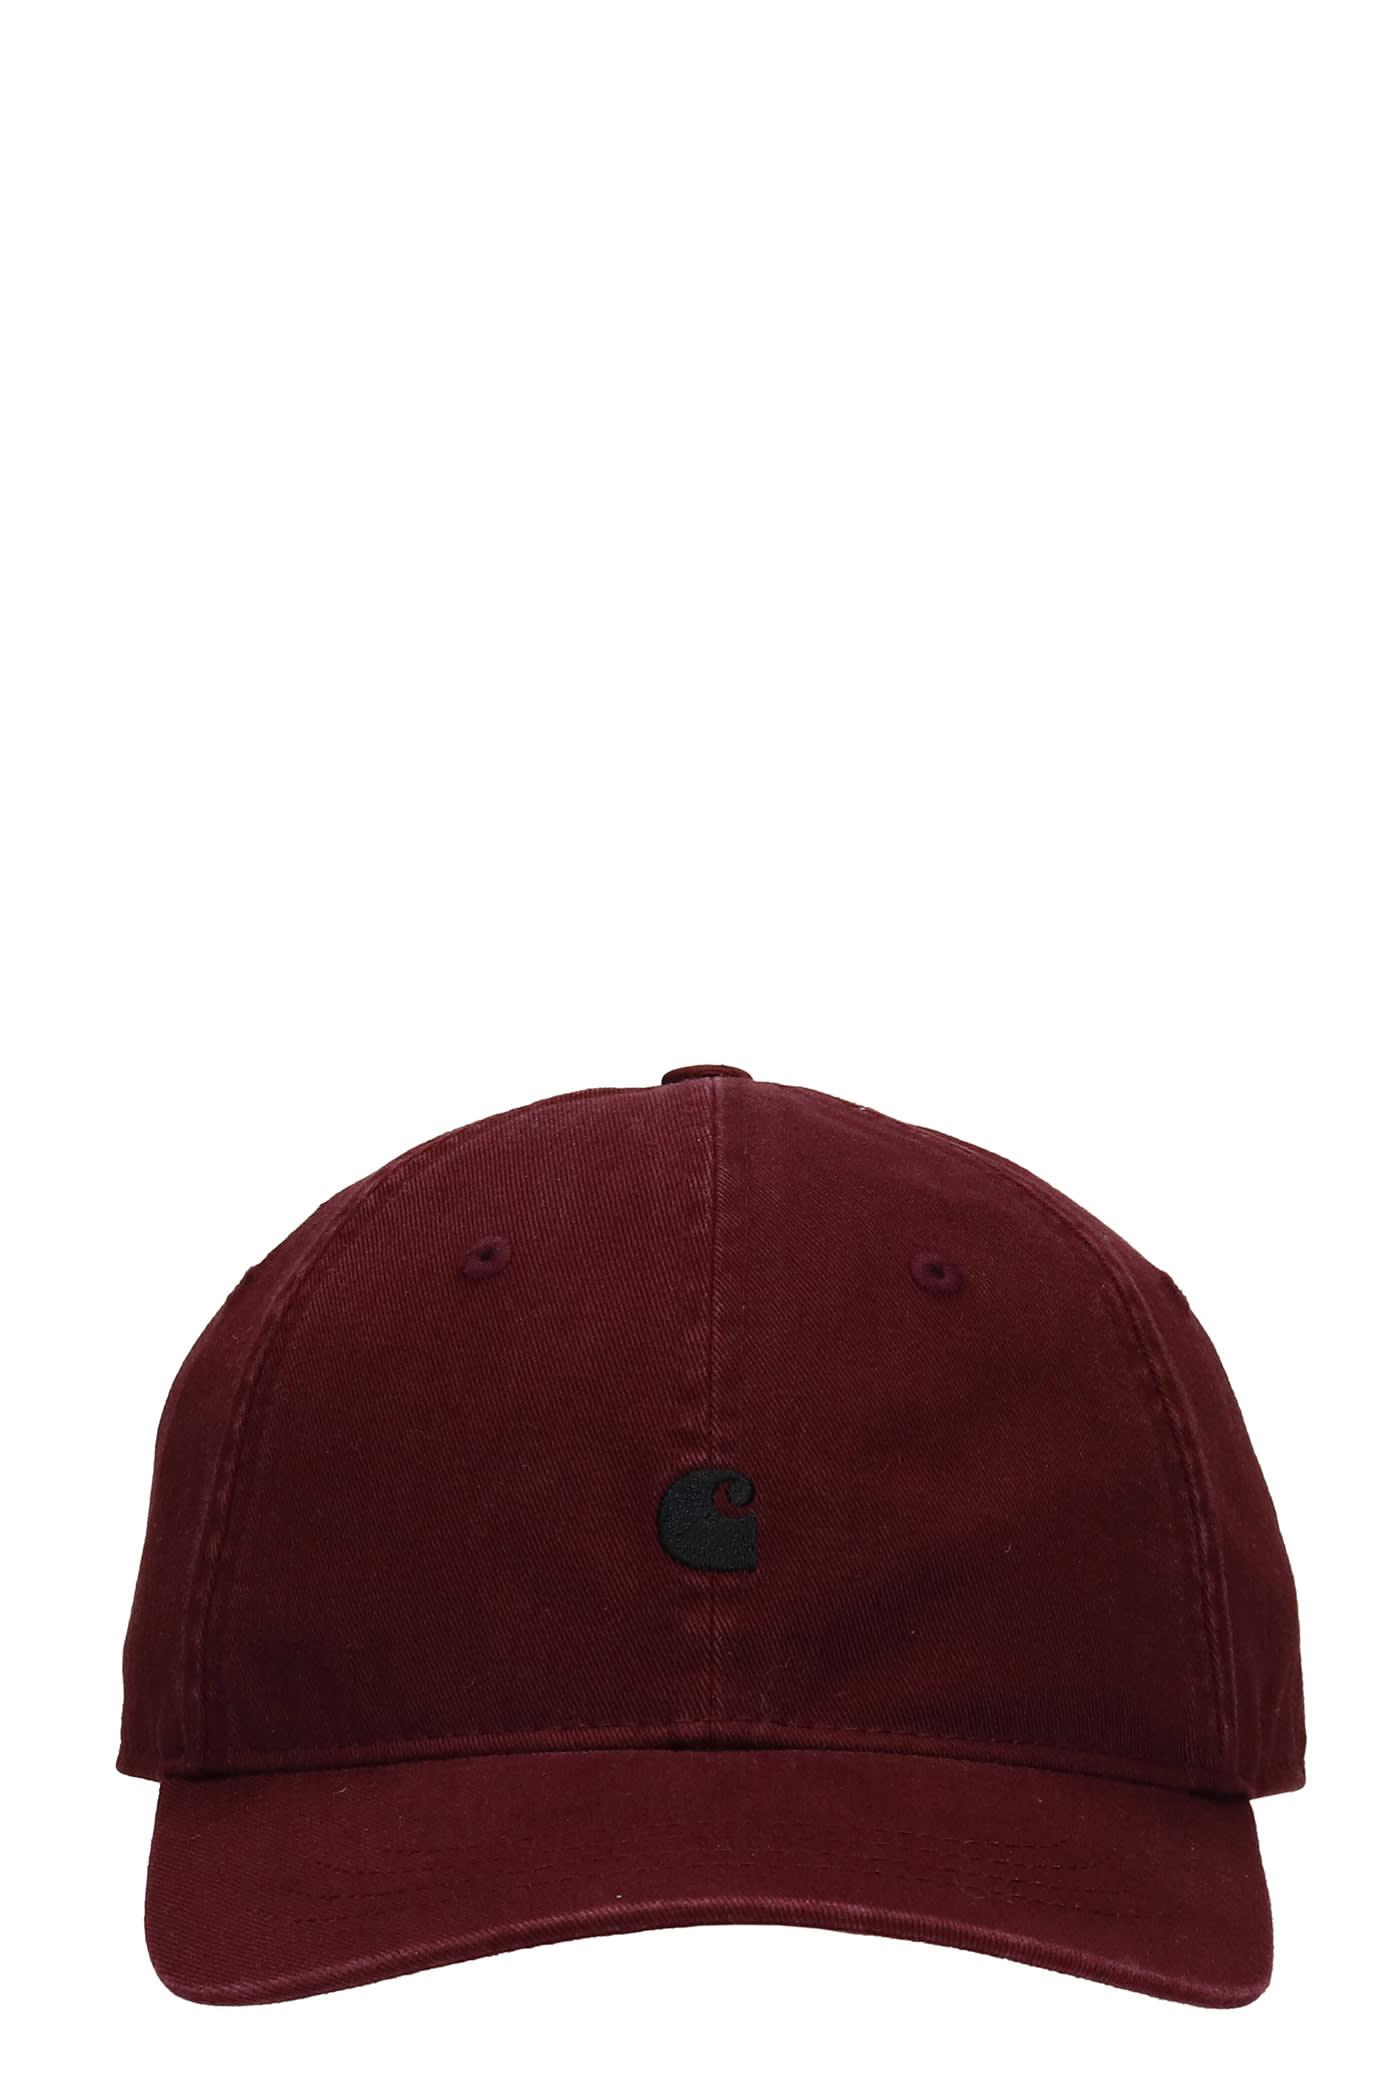 Hats In Bordeaux Cotton